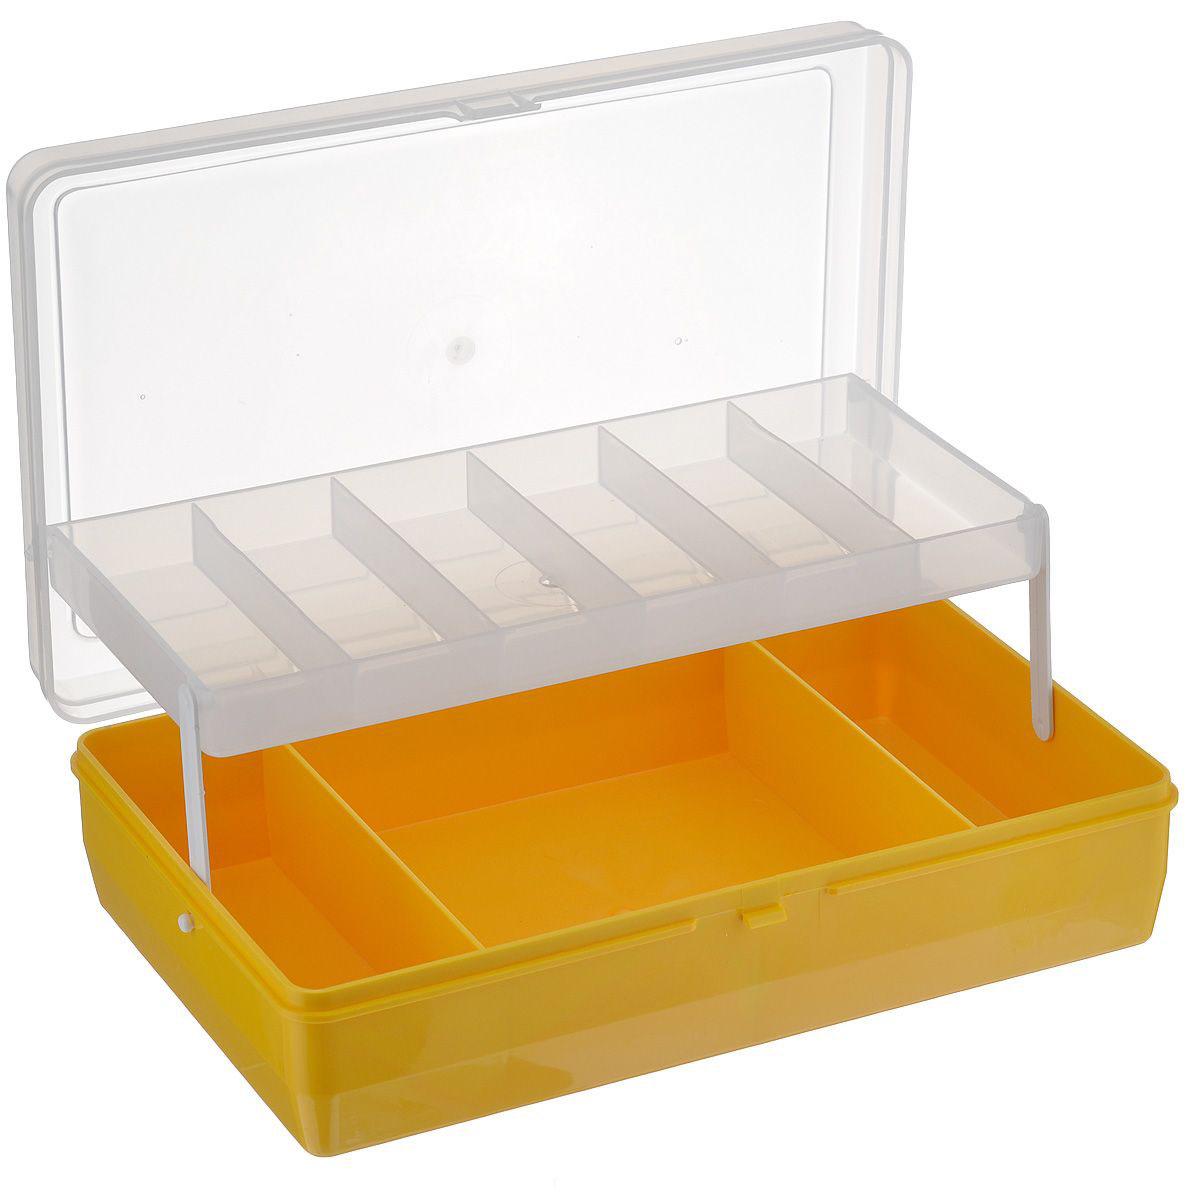 Коробка для хранения мелочей, двухярусная, с микролифтом, 23,5х15х6,5 см. #21-3-6525825